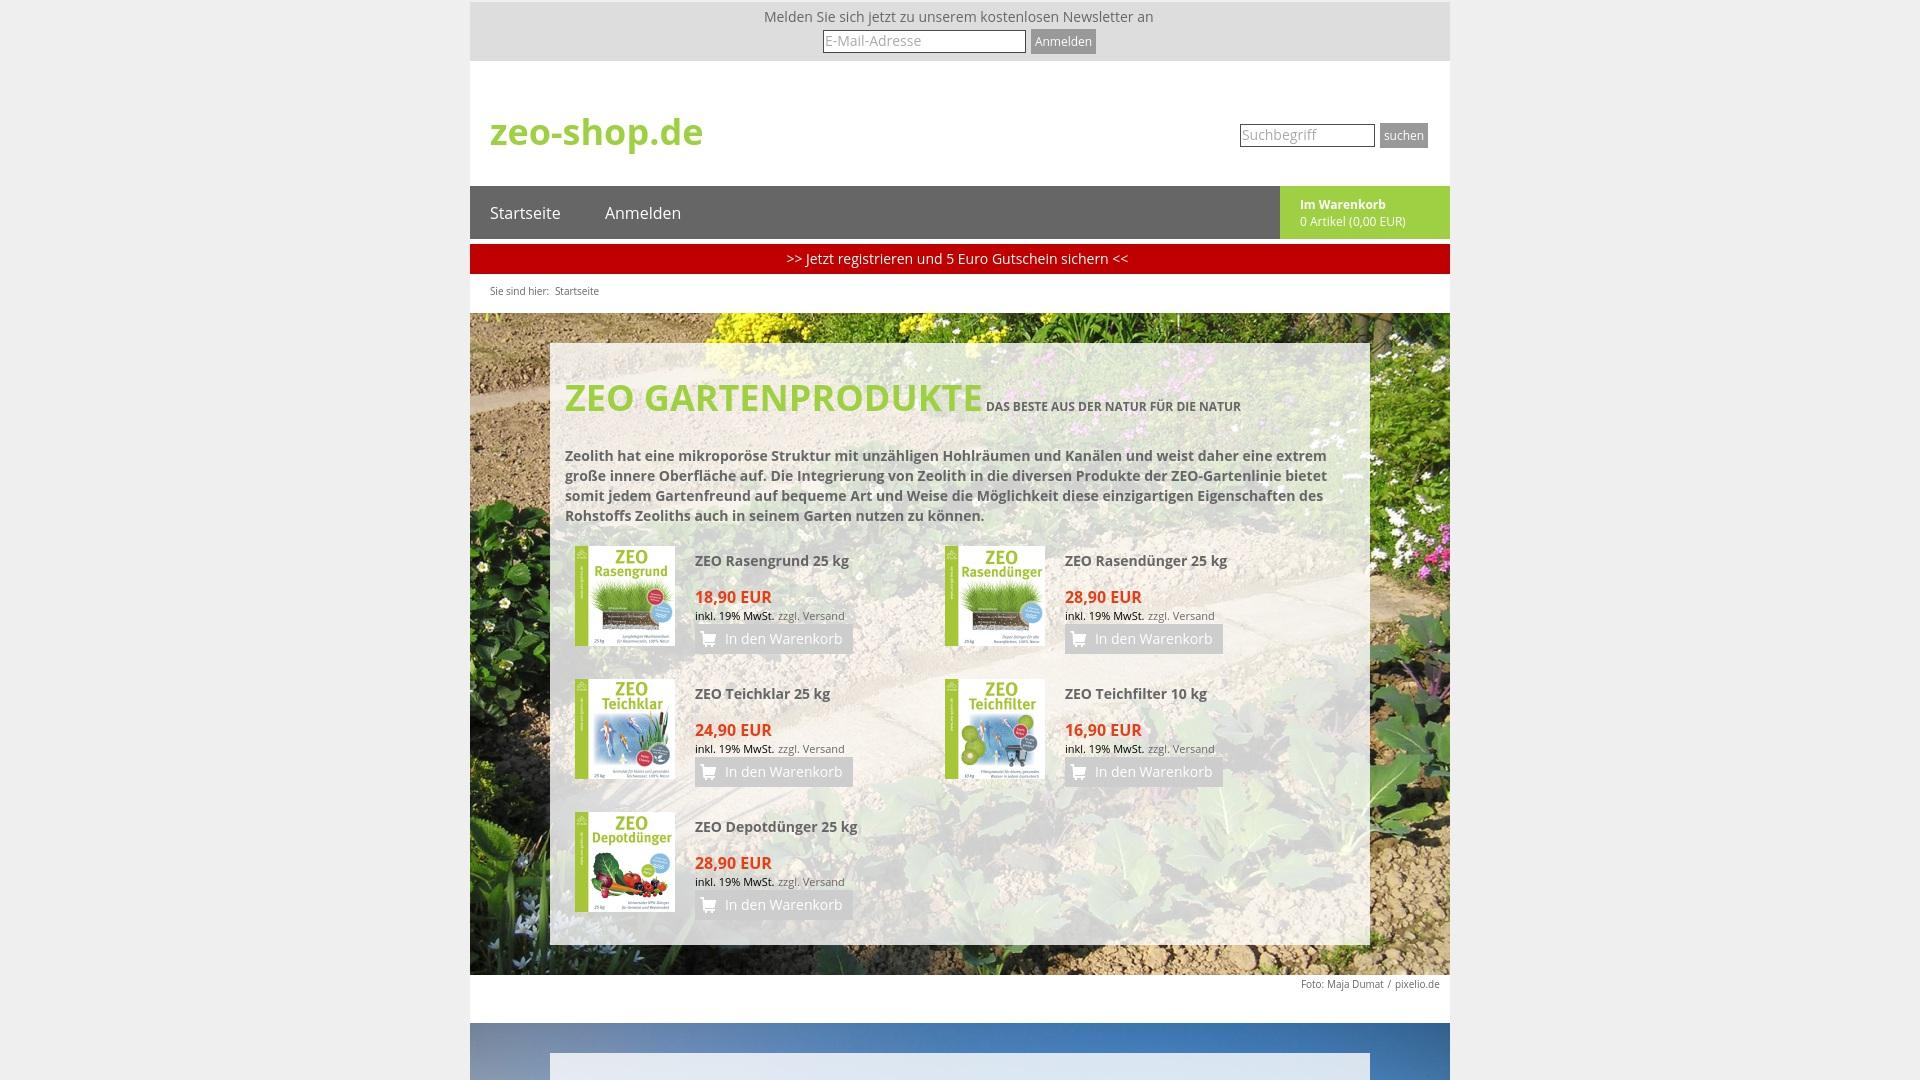 Gutschein für Zeo-shop: Rabatte für  Zeo-shop sichern